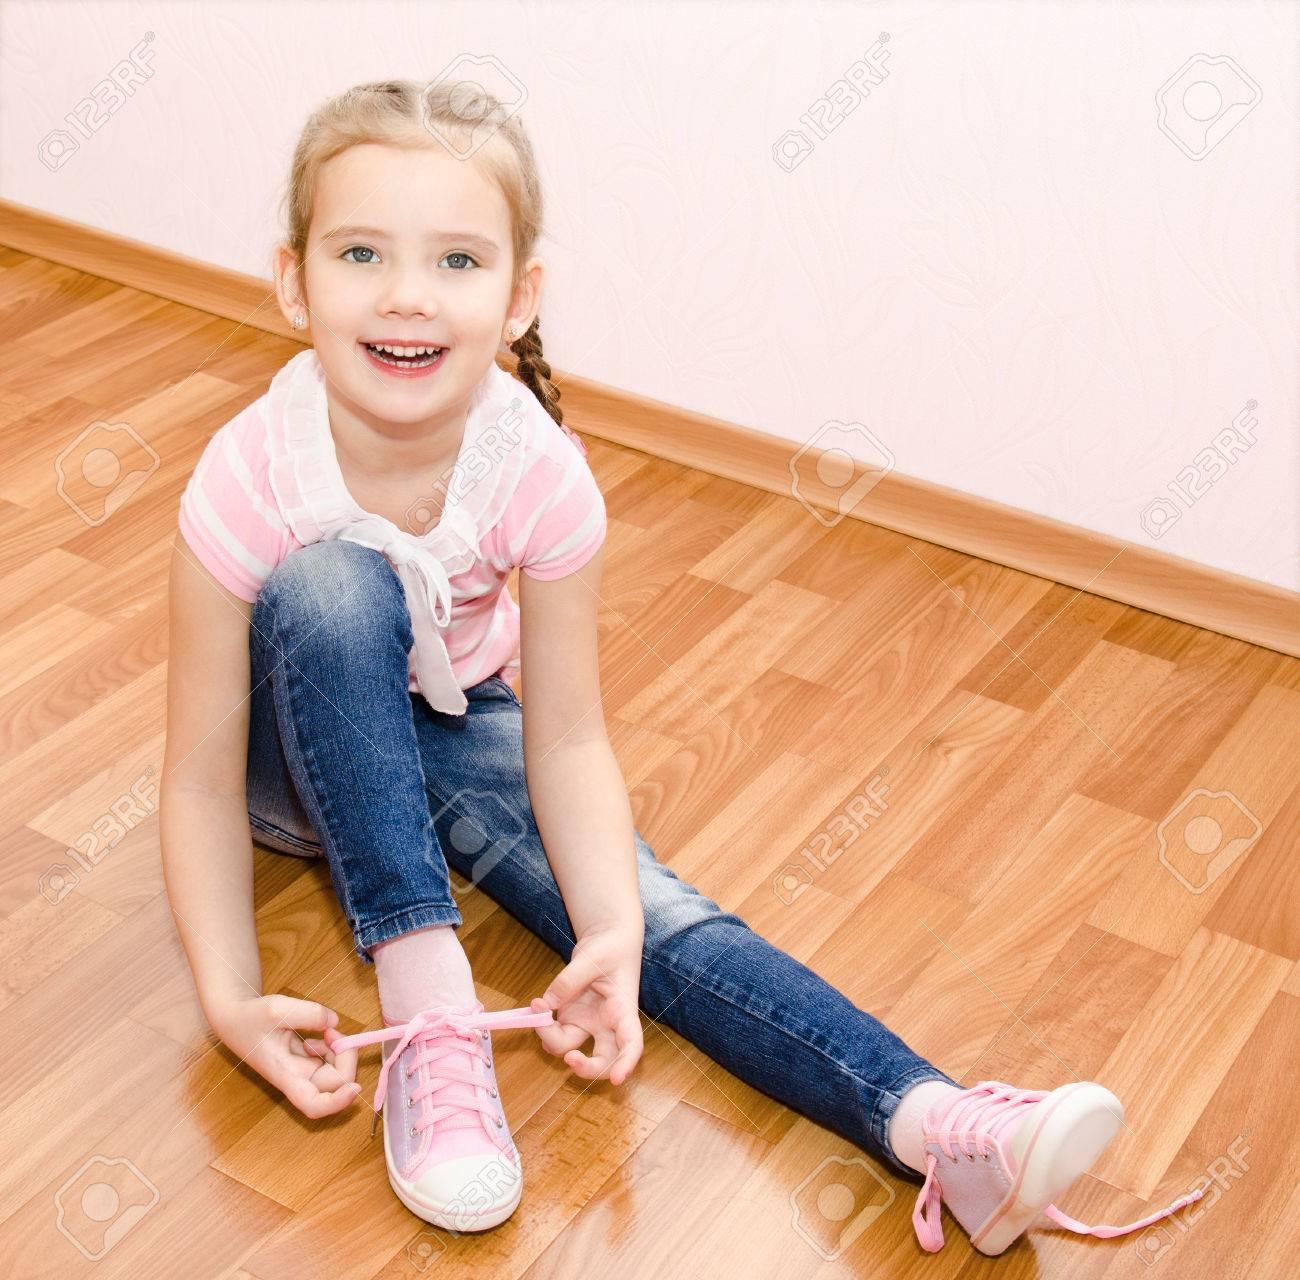 eac120a9224444 Nette lächelnde kleine Mädchen binden ihre Schuhe zu Hause Standard-Bild -  27737259